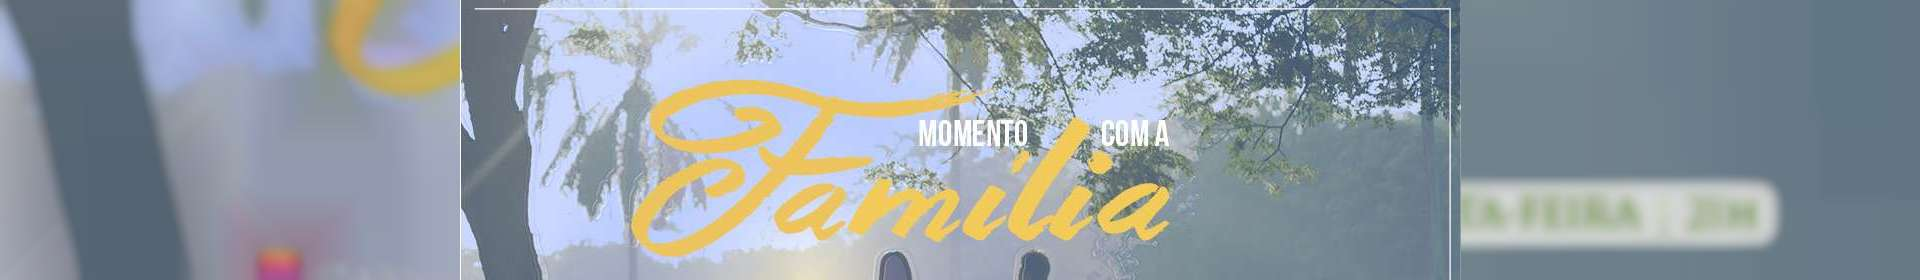 Momento com a Família - 14/06/2019